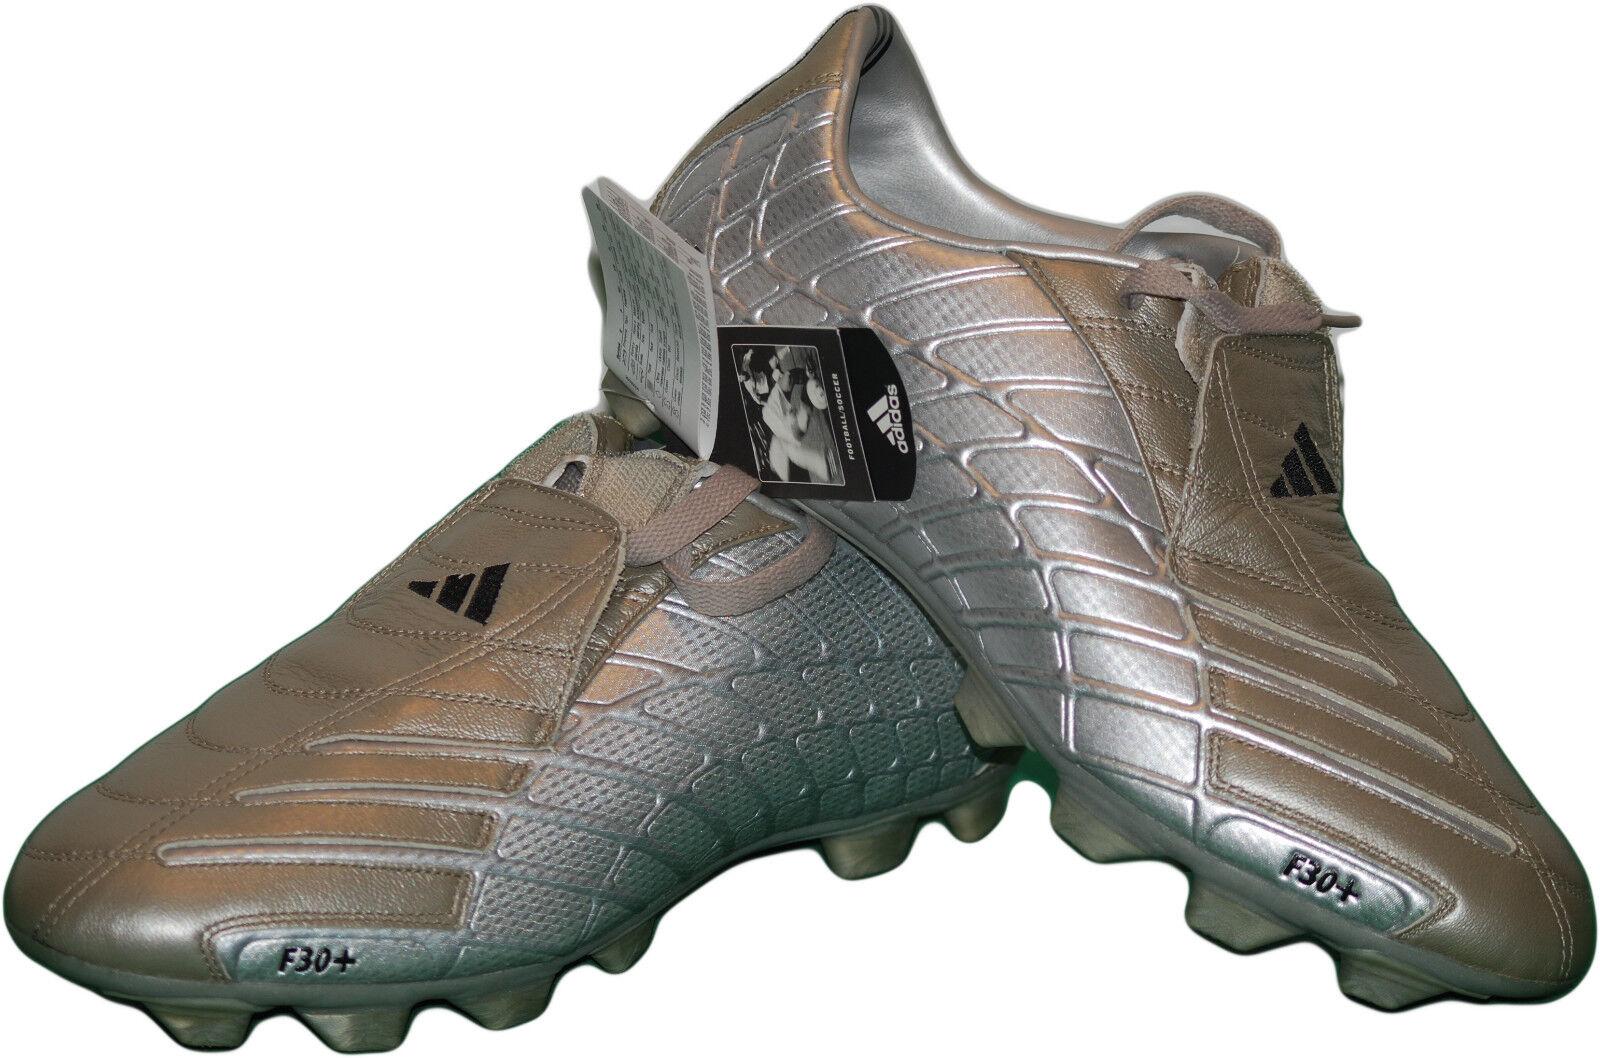 Vintage Adidas F30+ TRX FG 2000s deadstock Messi Ronaldo zapatos football botas